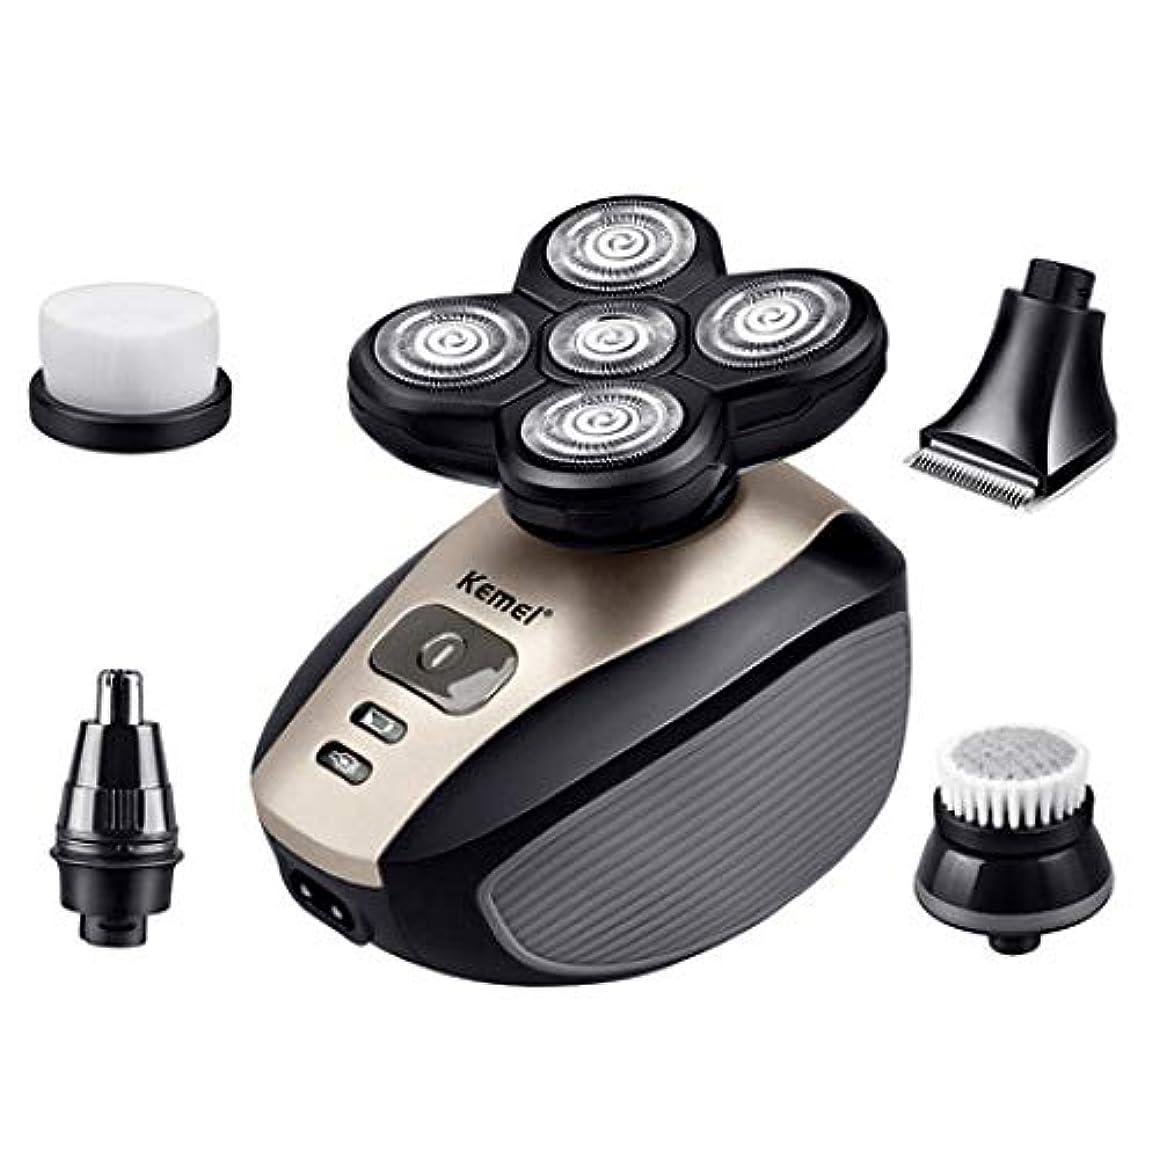 消化器窒息させる溶接QINJLI 5-1 の電動ロータリー 5 頭かみそり洗濯機鼻髪設定 6 * 9 cm